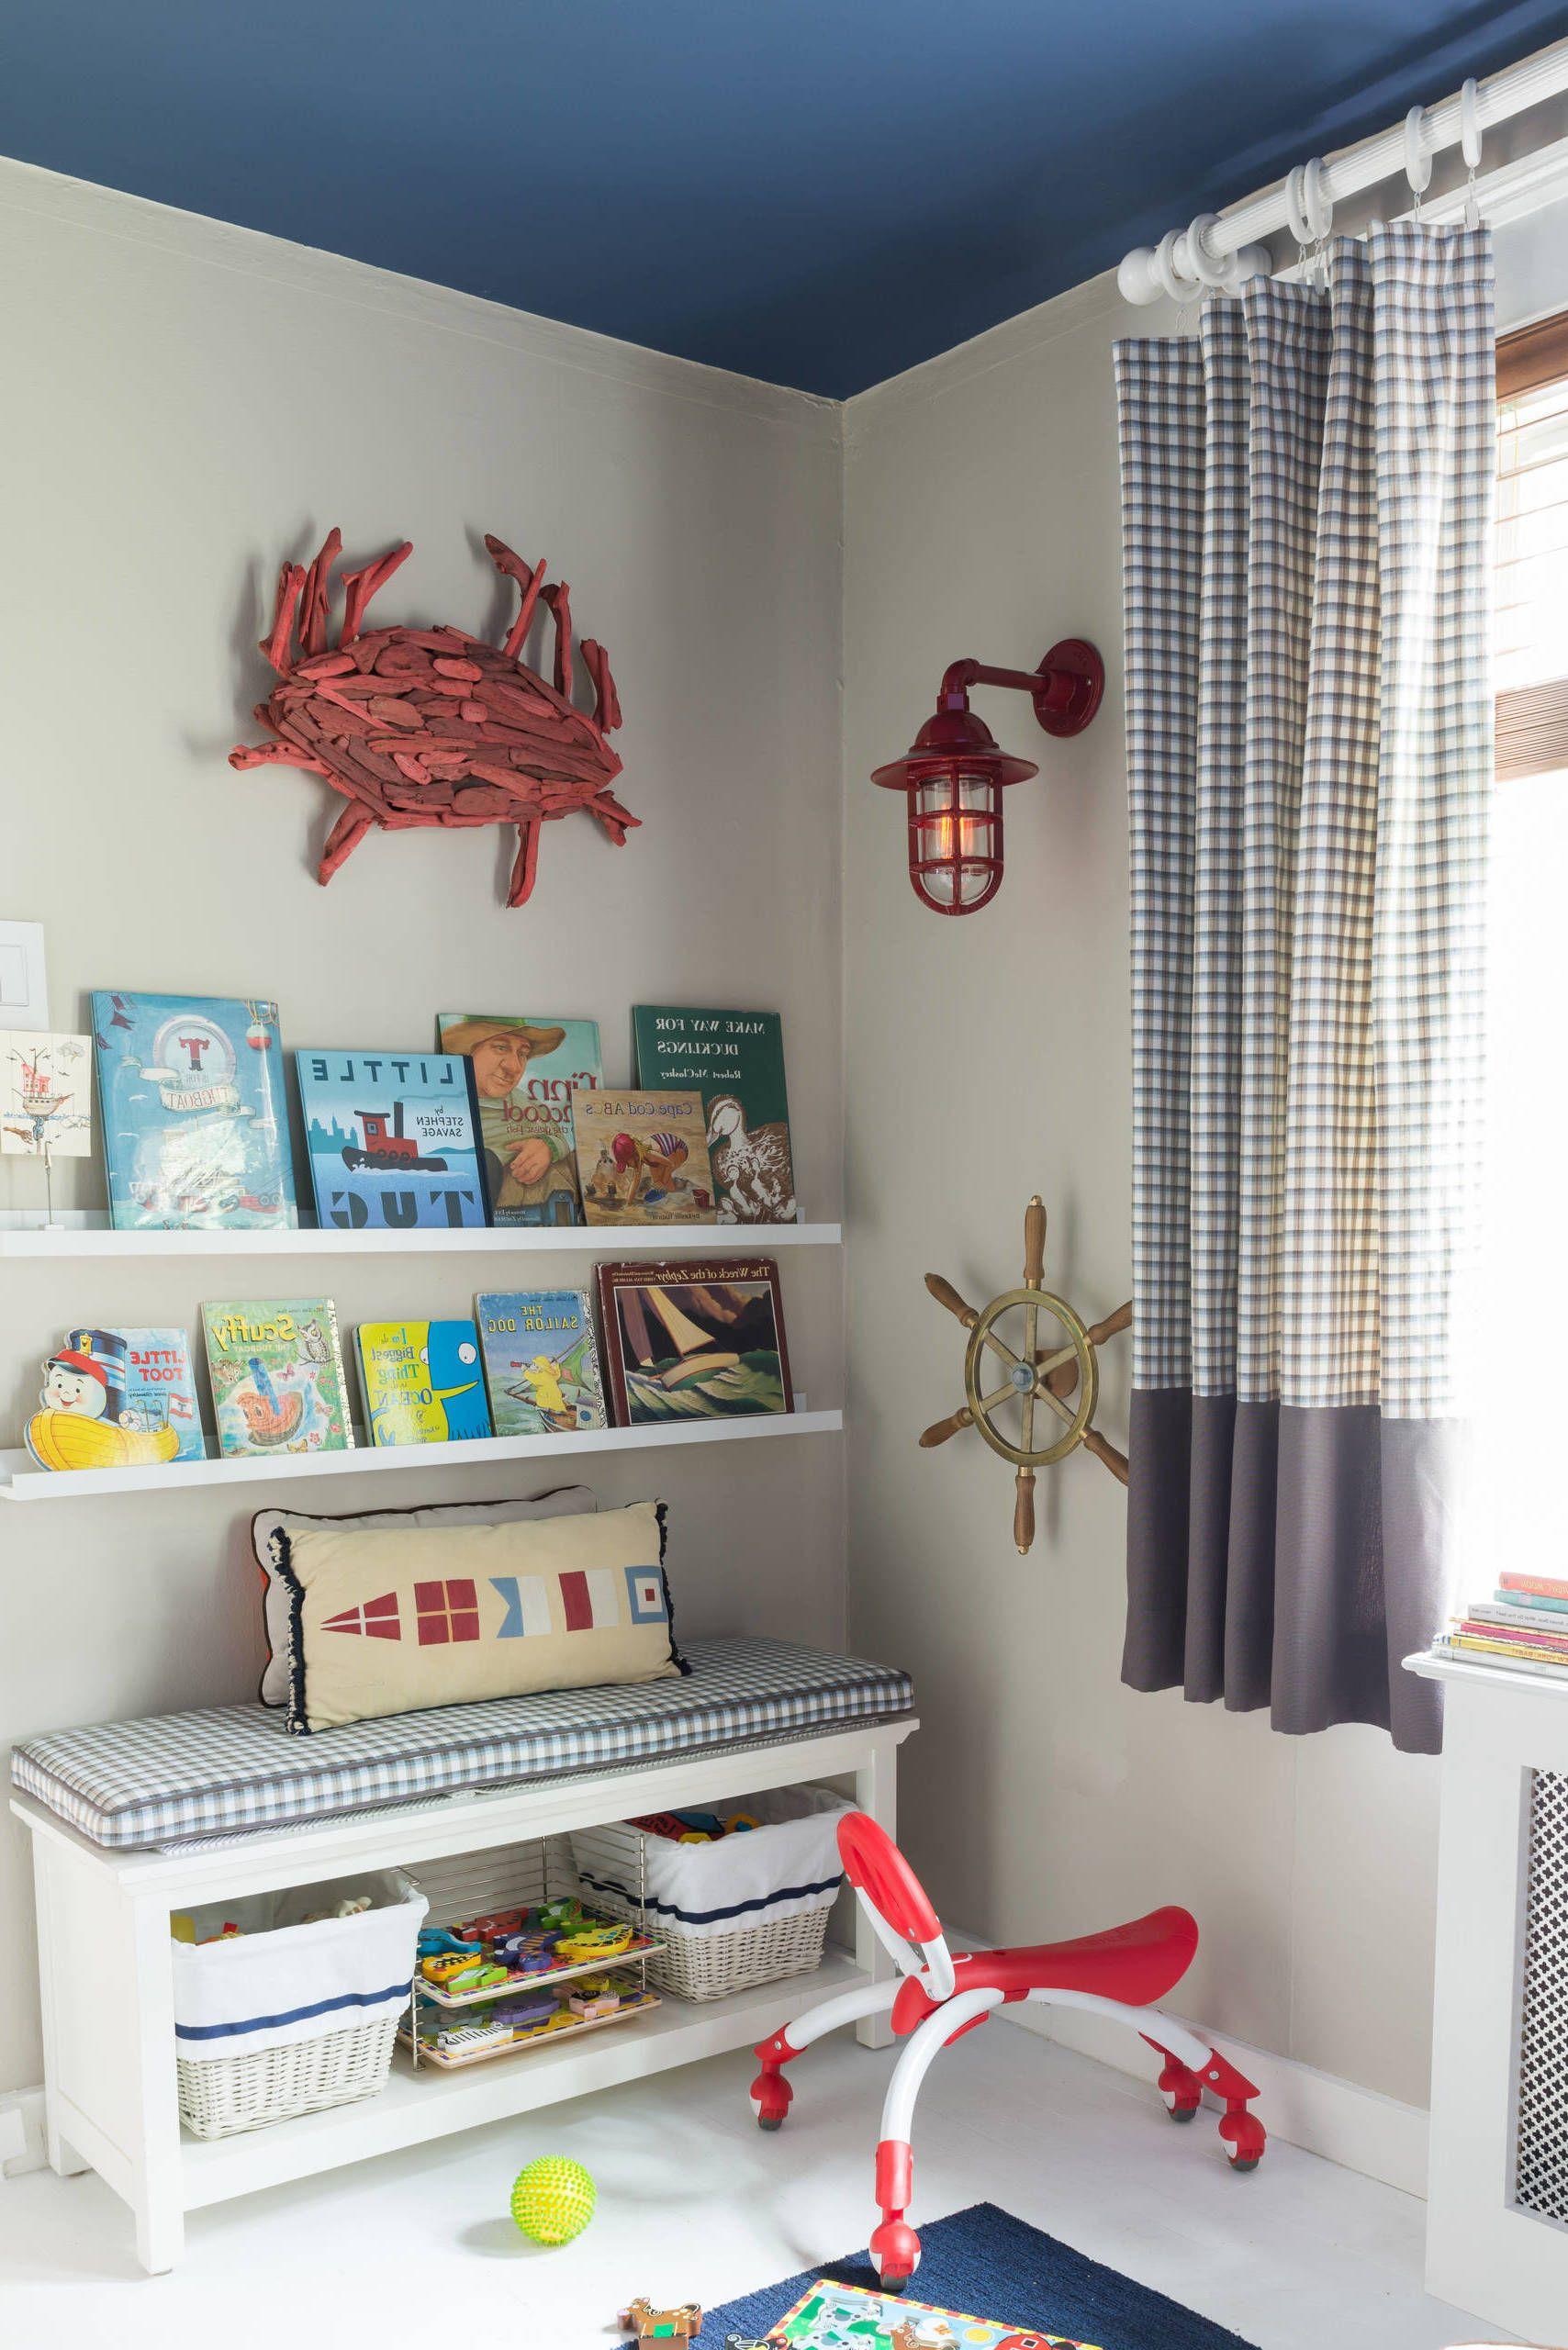 Gewaltig Wandgestaltung Kinderzimmer Selber Machen Sammlung Von Ideen